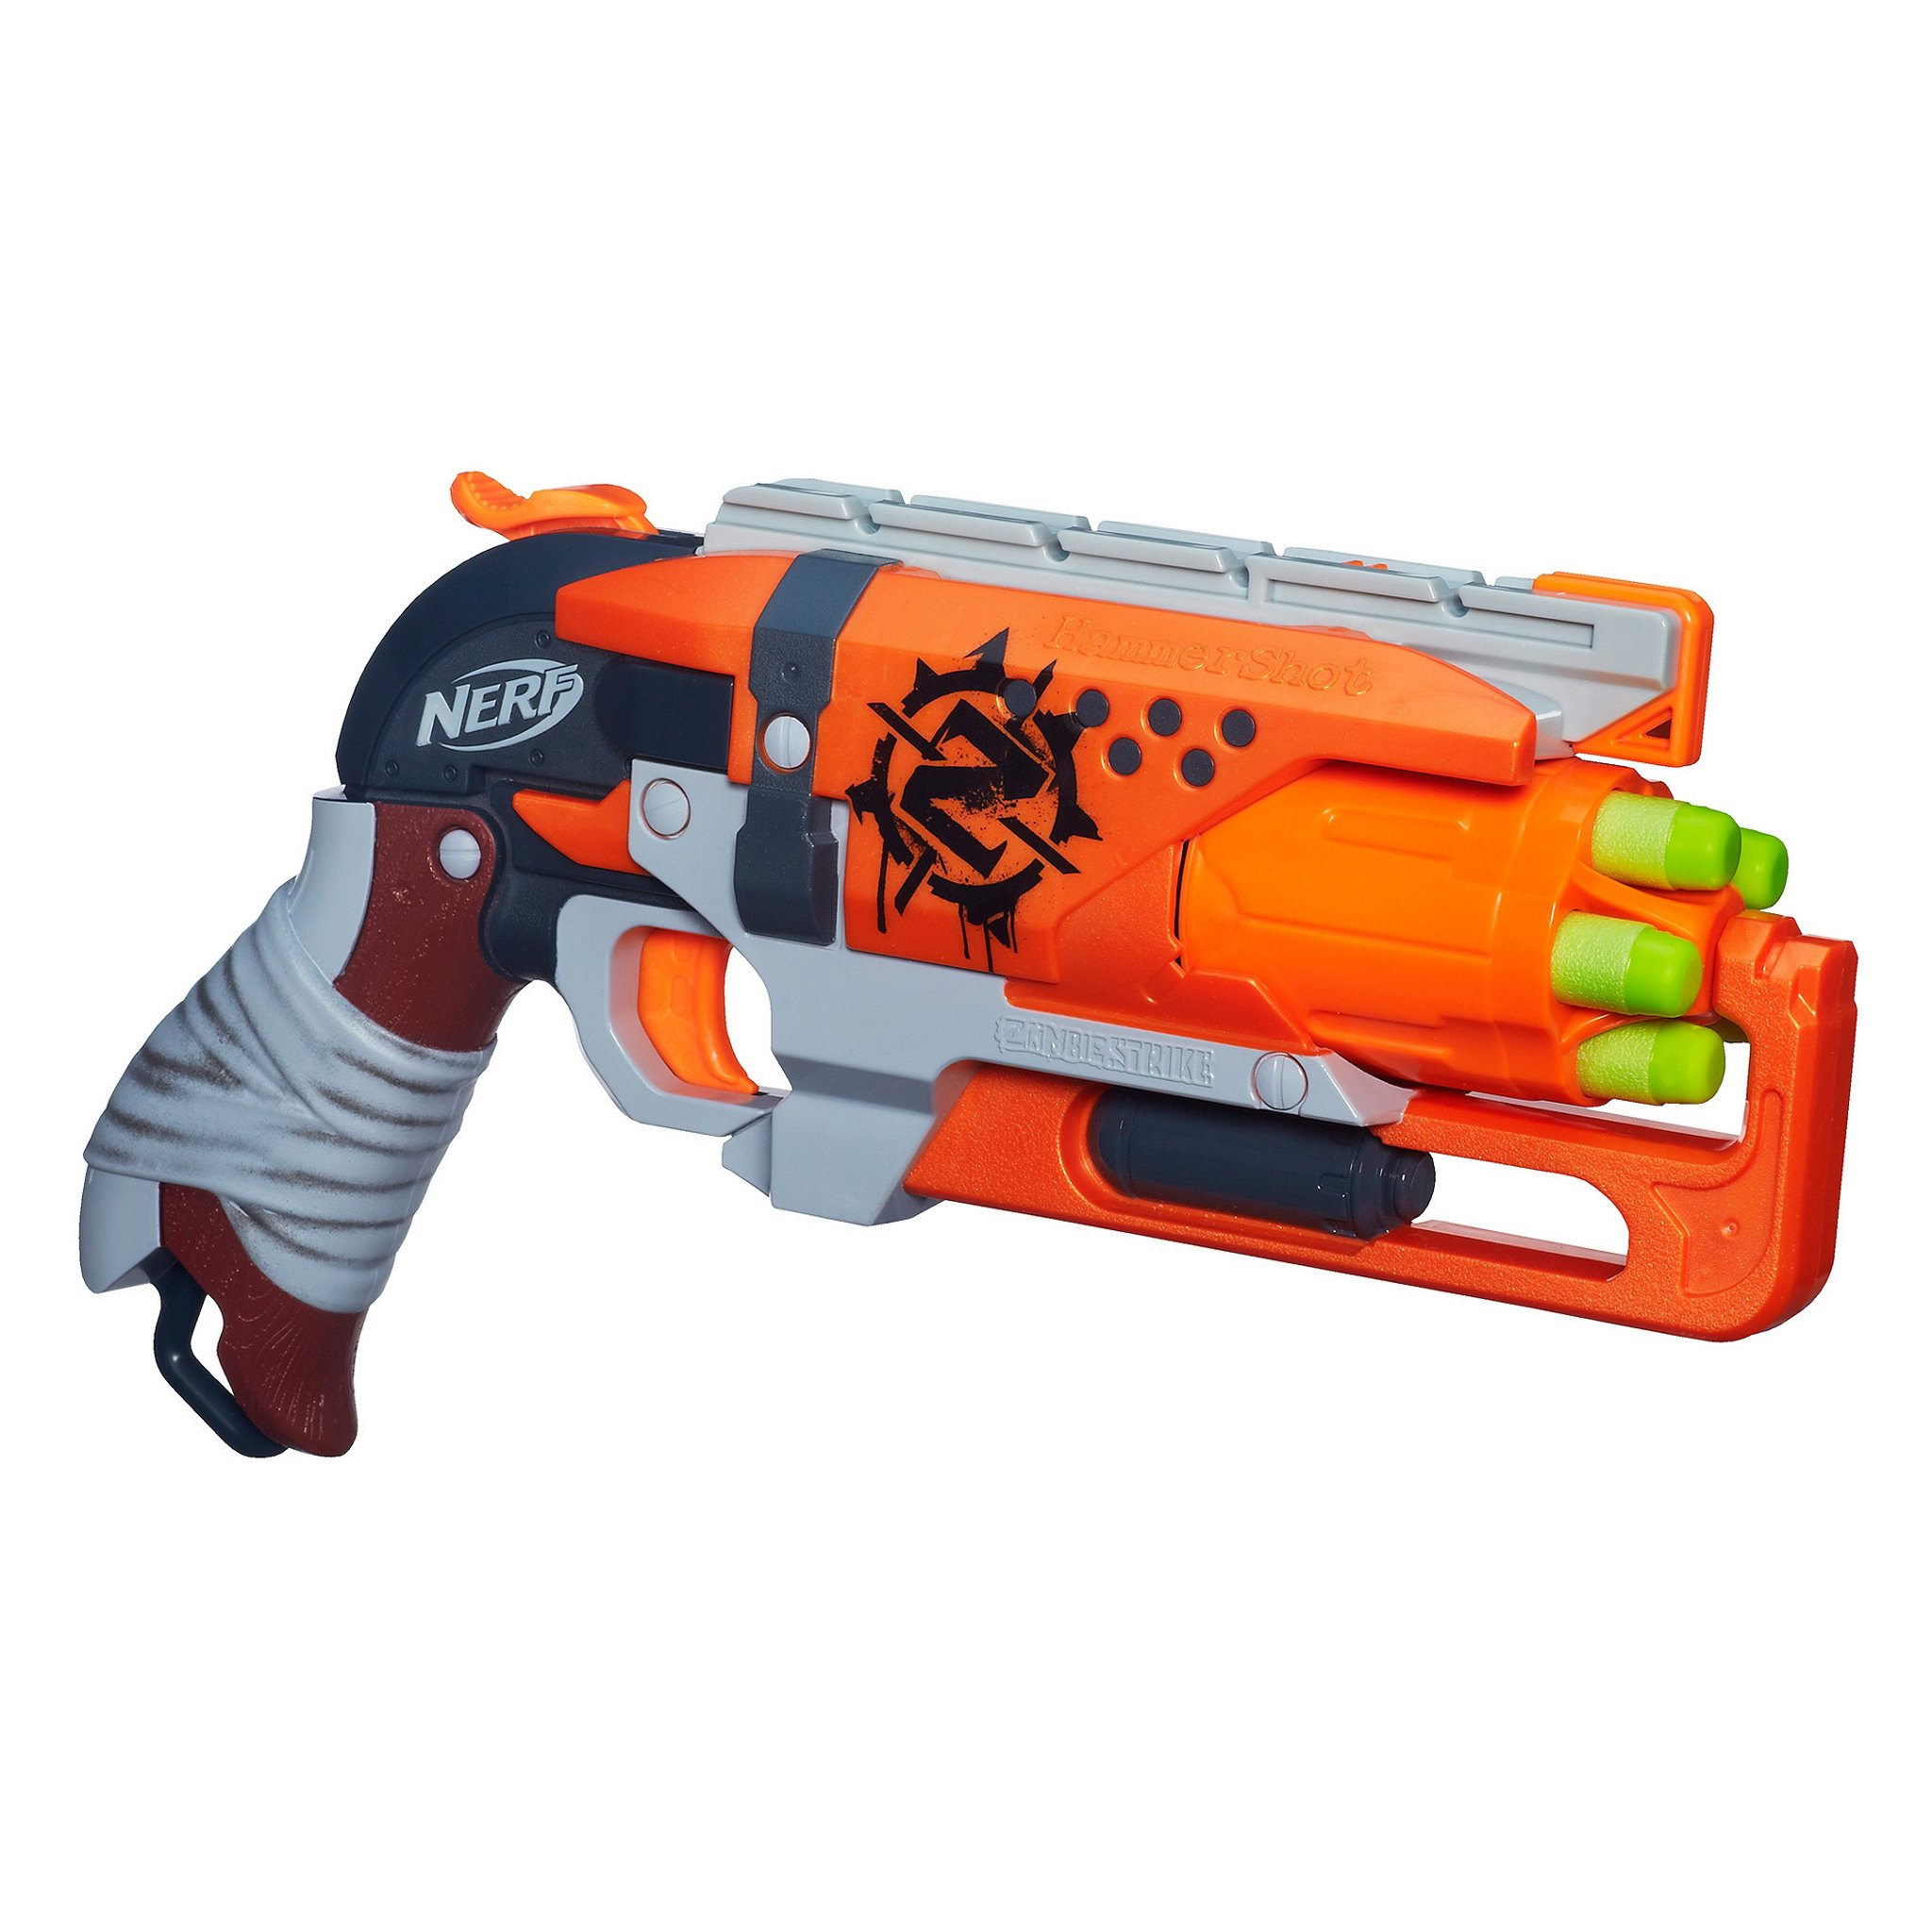 2 SHIELD inspired Nerf guns I made.